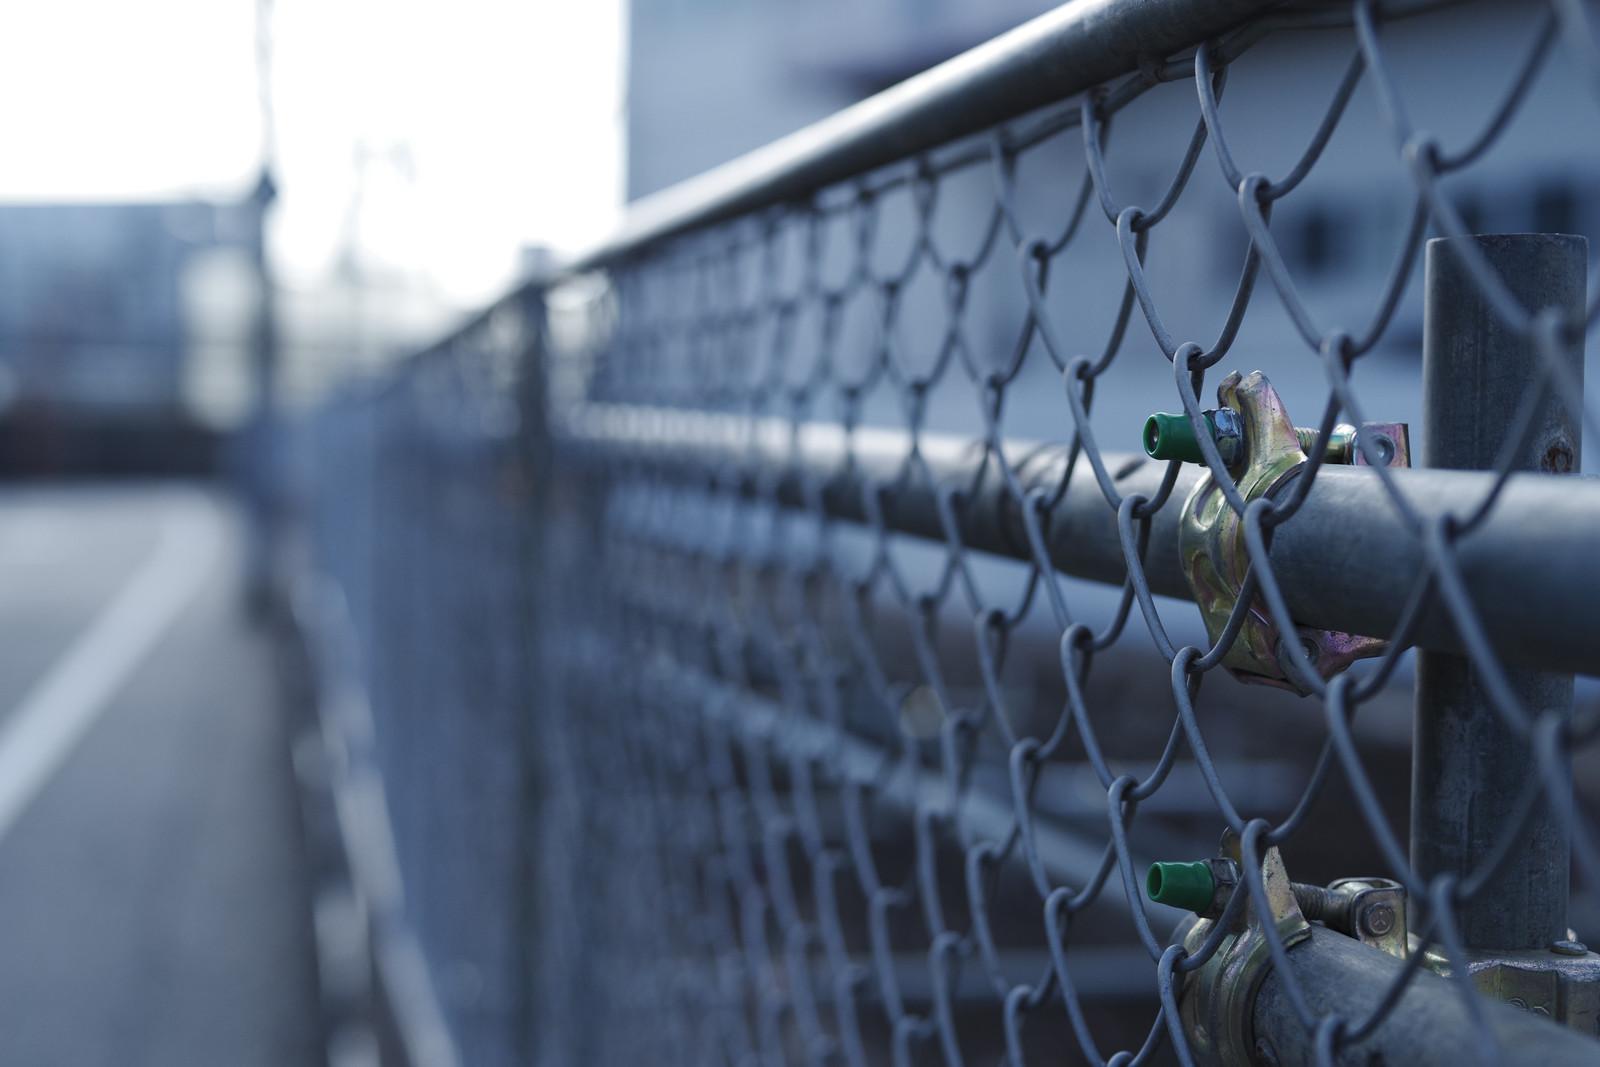 電気柵やワイヤーメッシュ柵で侵入防止もすると効果アップ